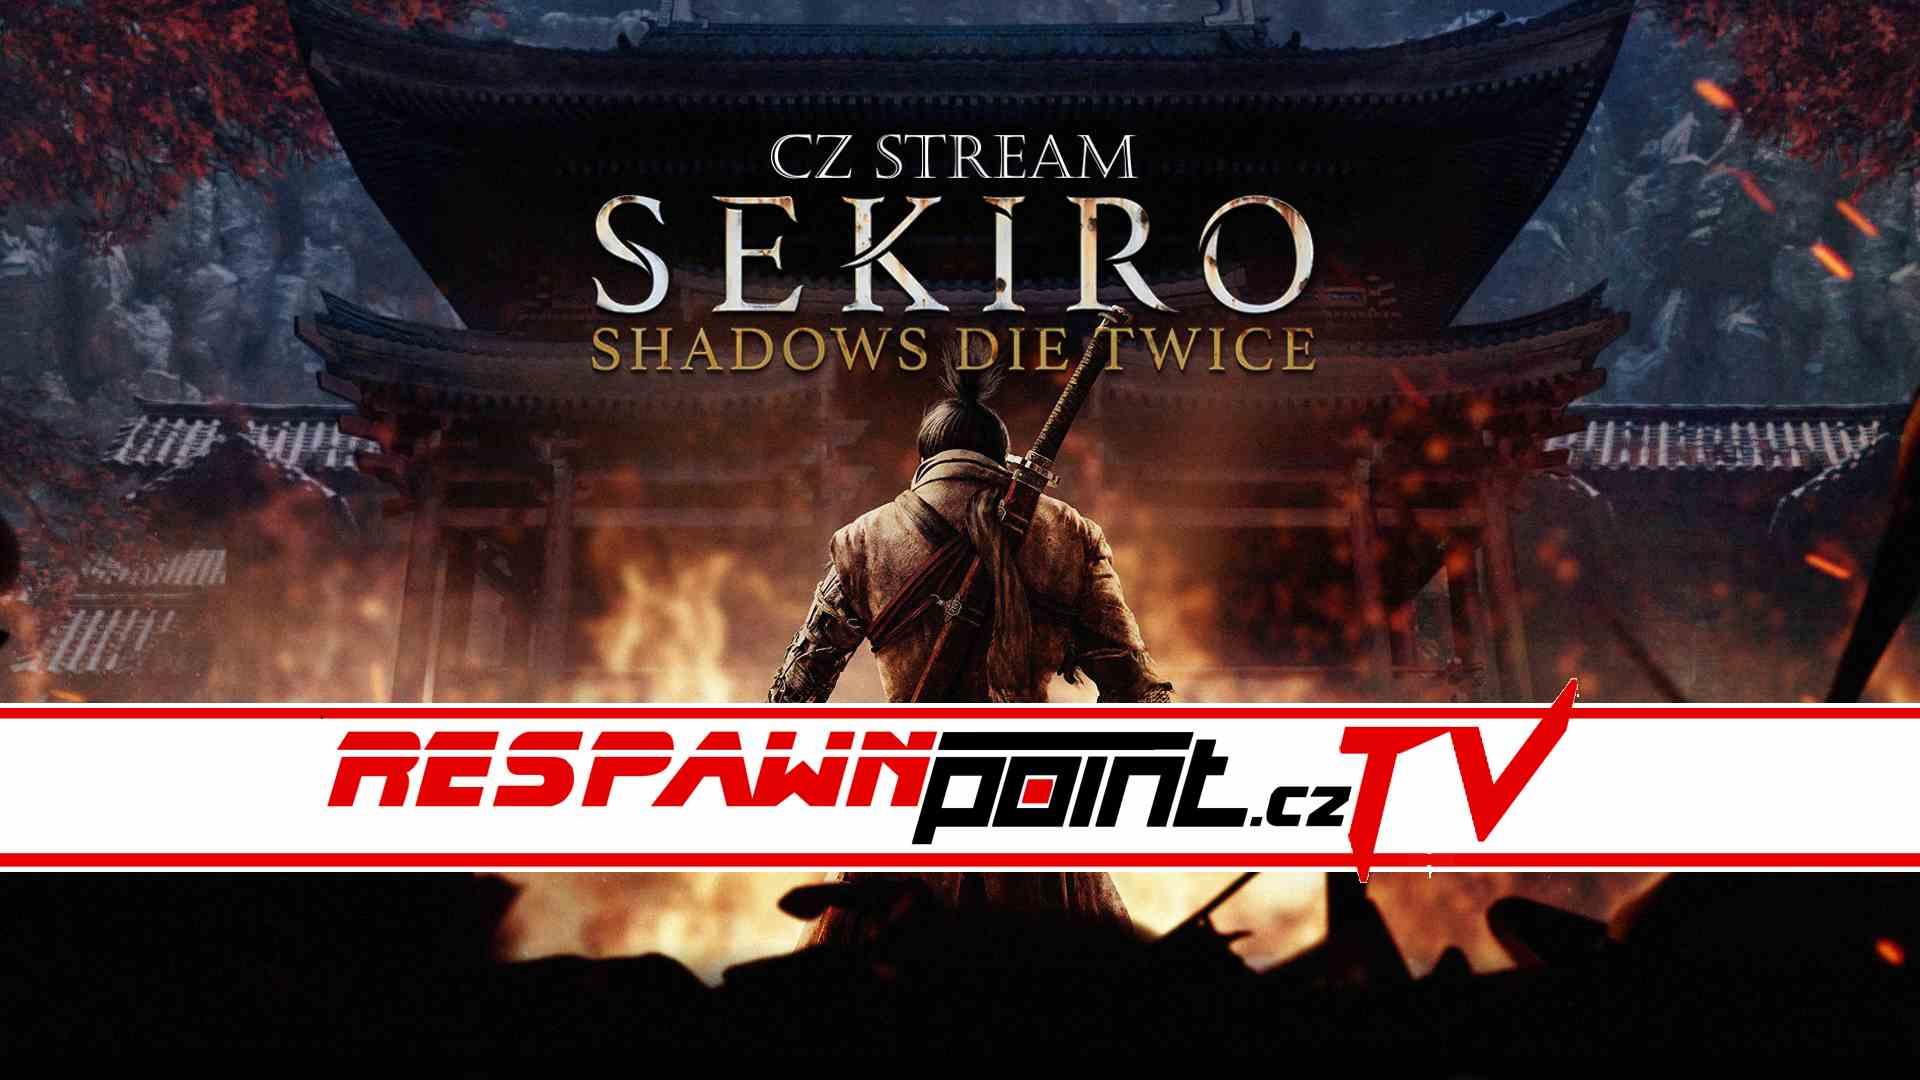 Sekiro Shadows Die Twice – CZ Stream